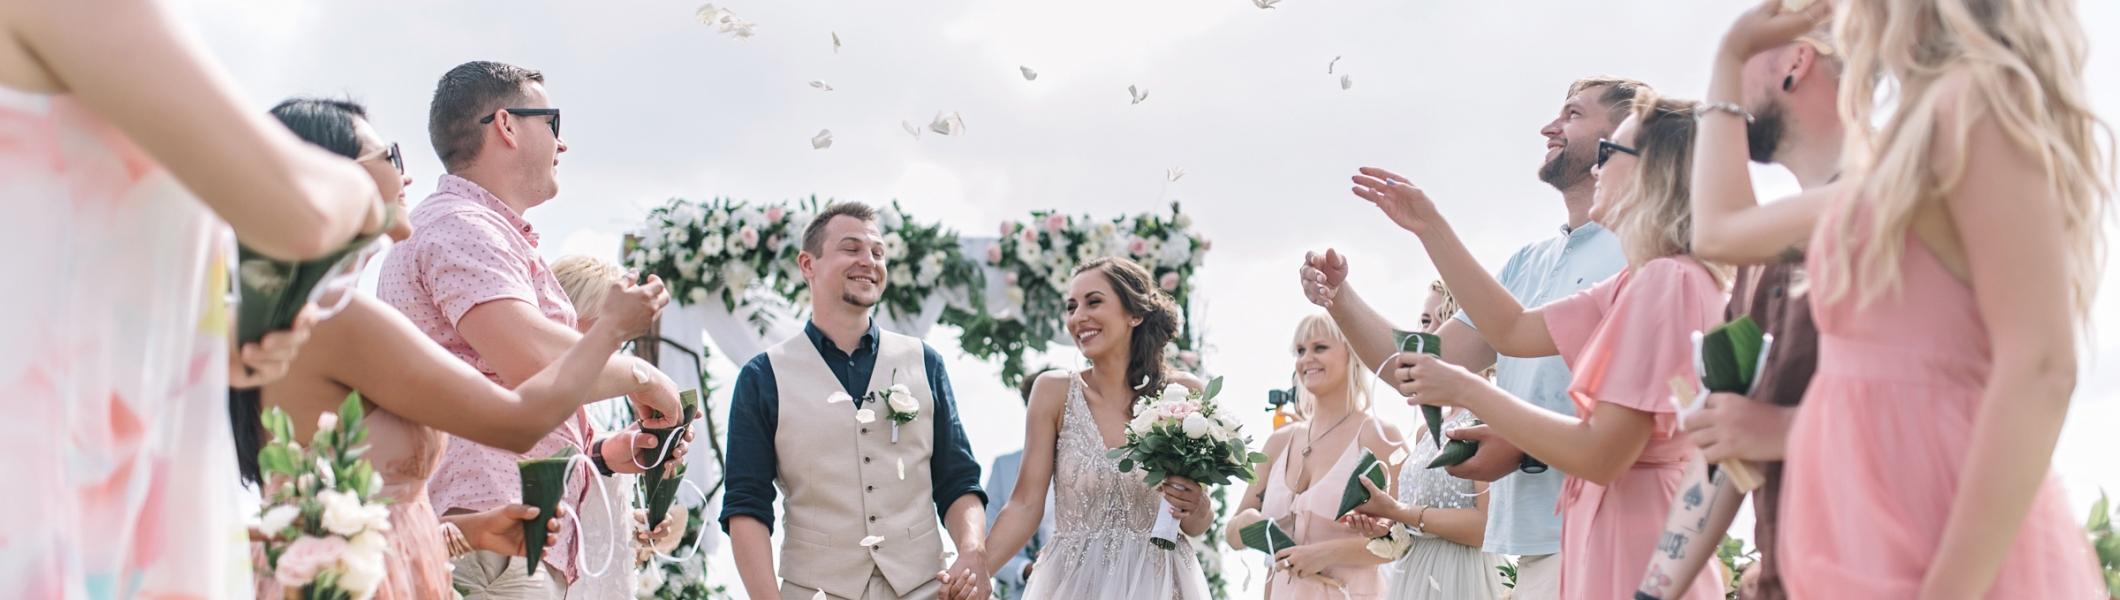 Vestuvių fotografija Lietuvoje ir užsienyje_3